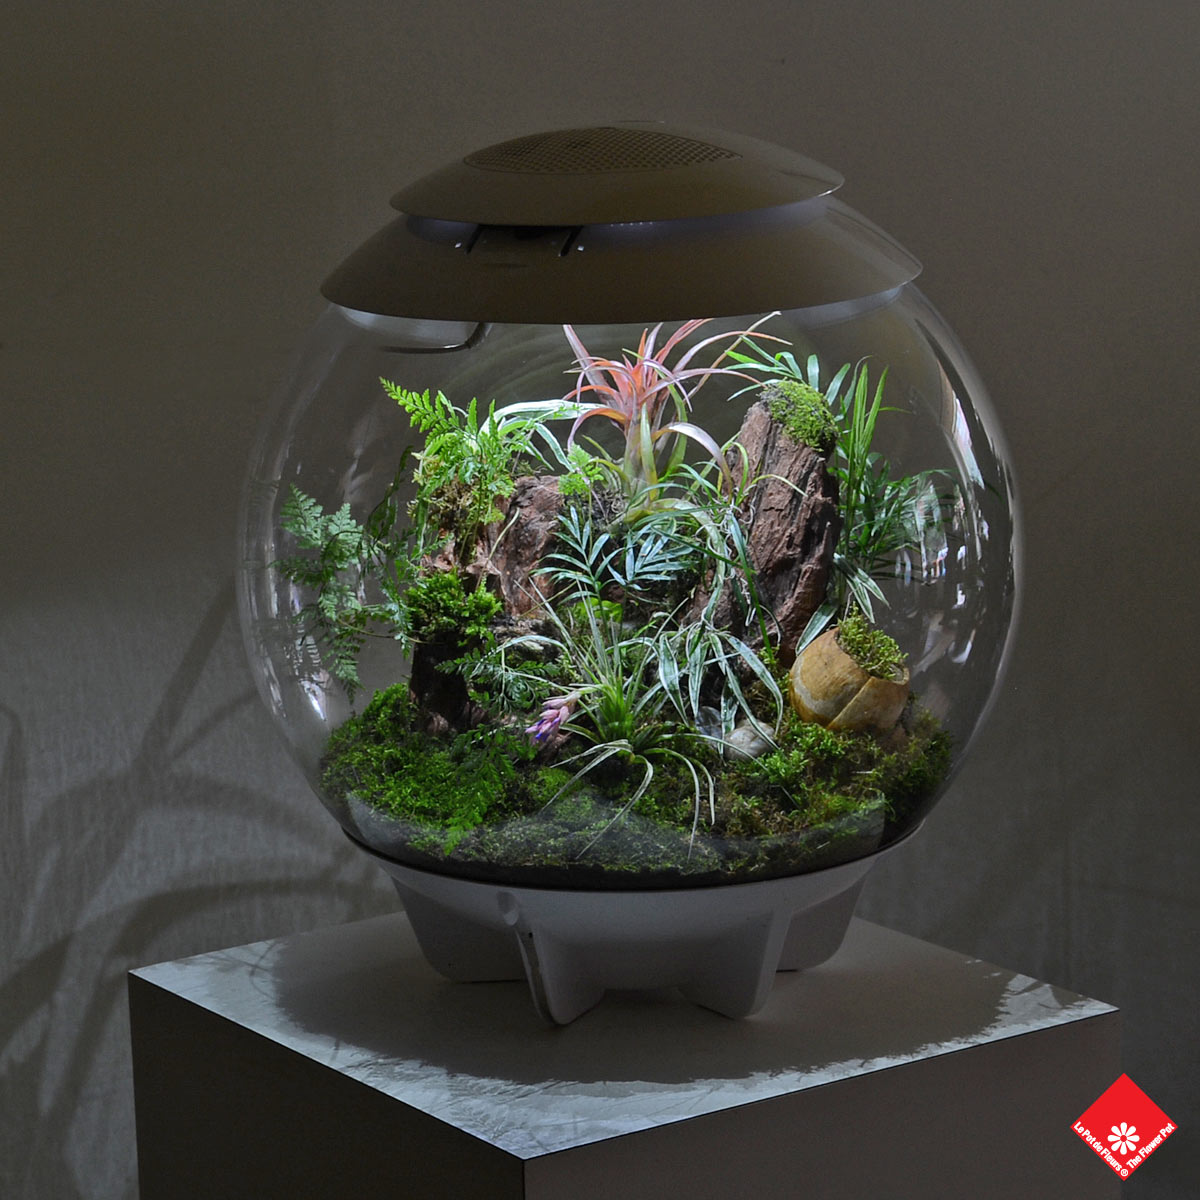 0 salon vert plantes - Plante dans pot en verre ...